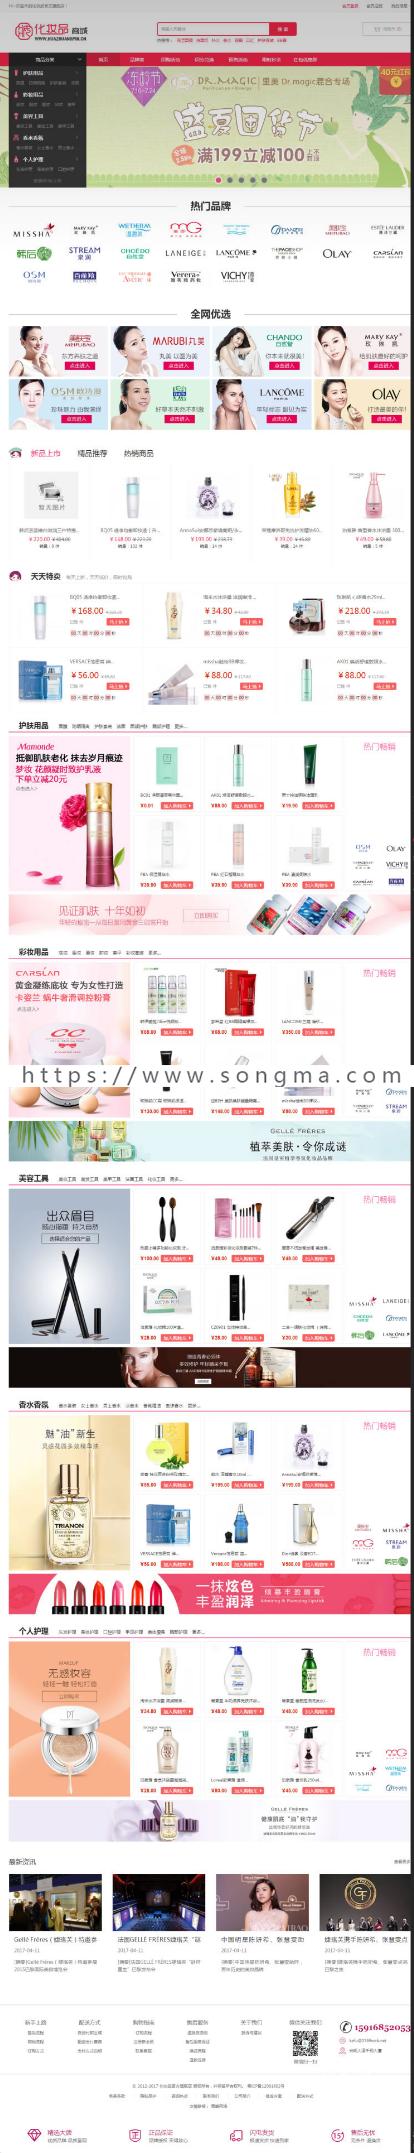 化妆品护肤品商城网站源码 Ecshop3.6模板